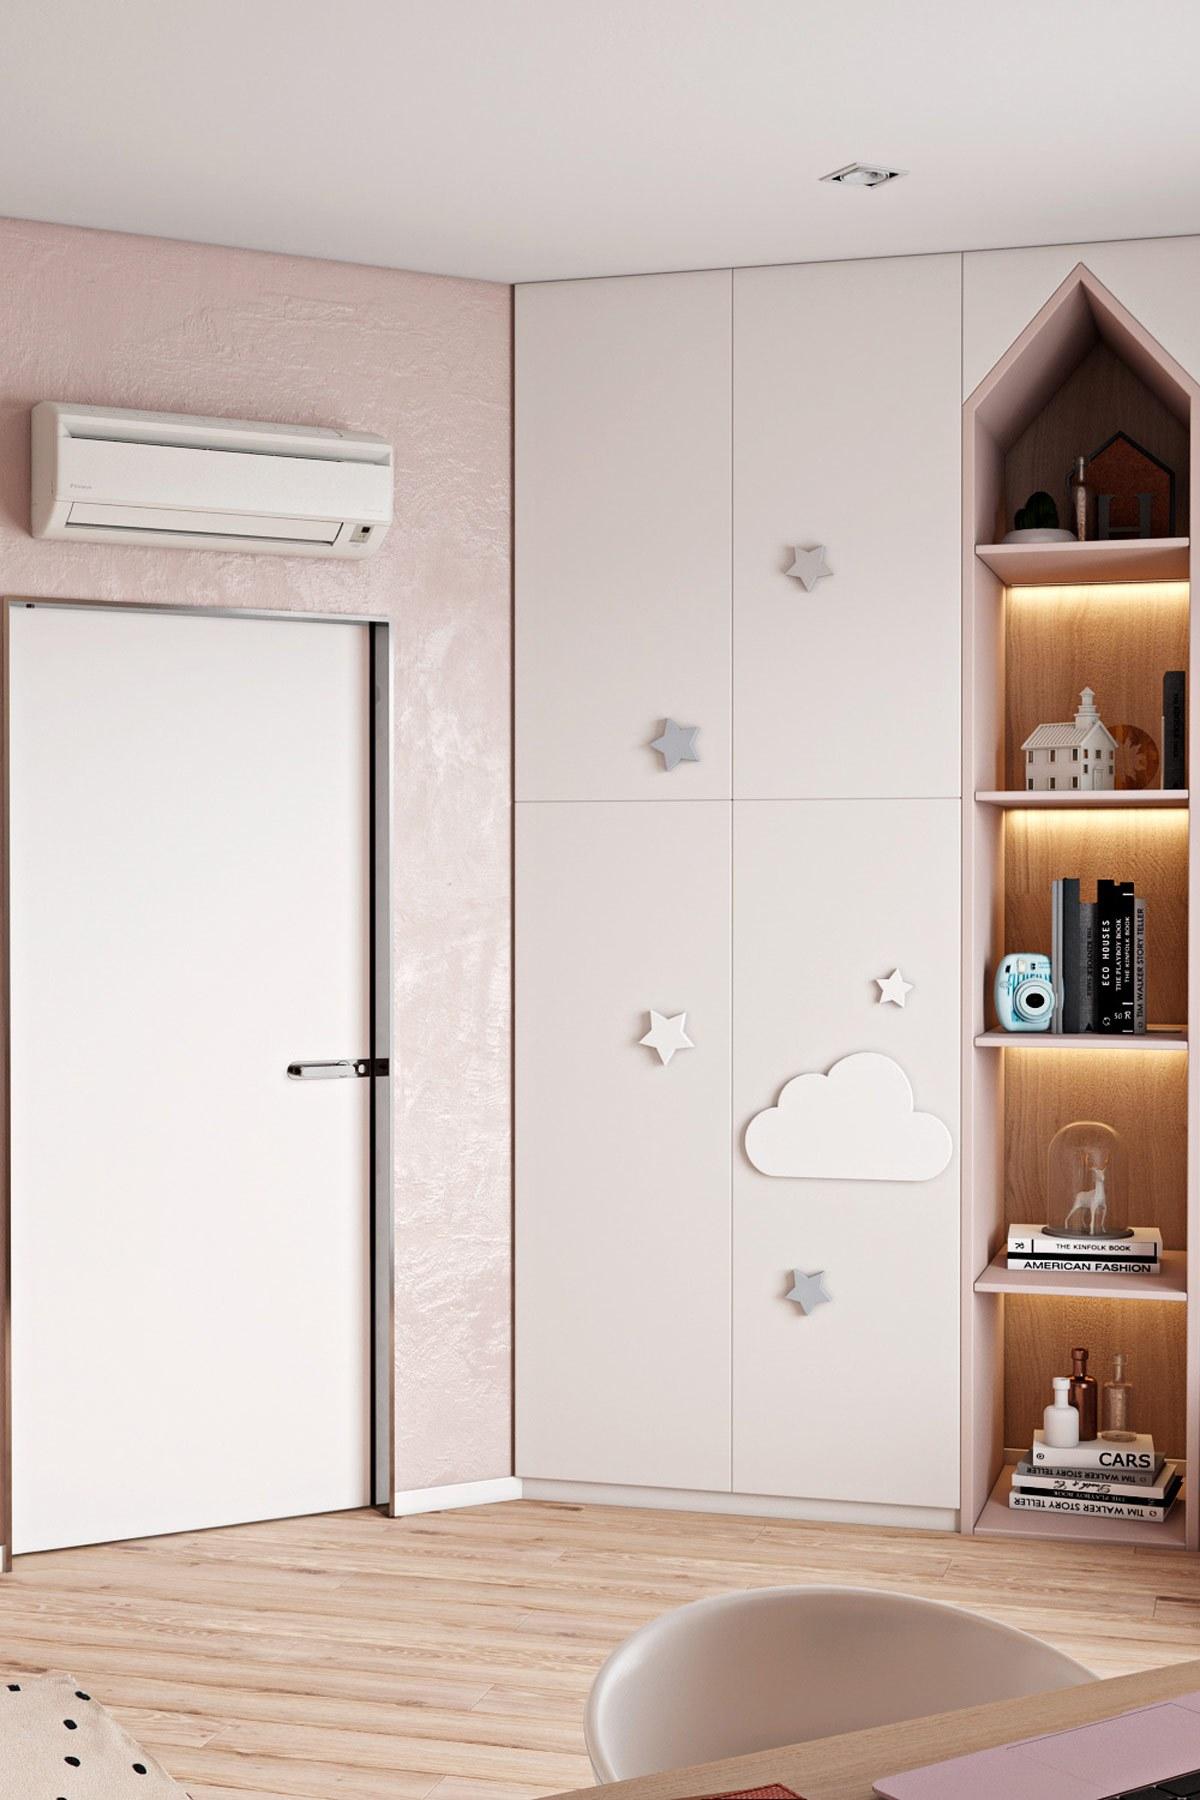 thiết kế nội thất phòng ngủ con gái chung cư hiện đại